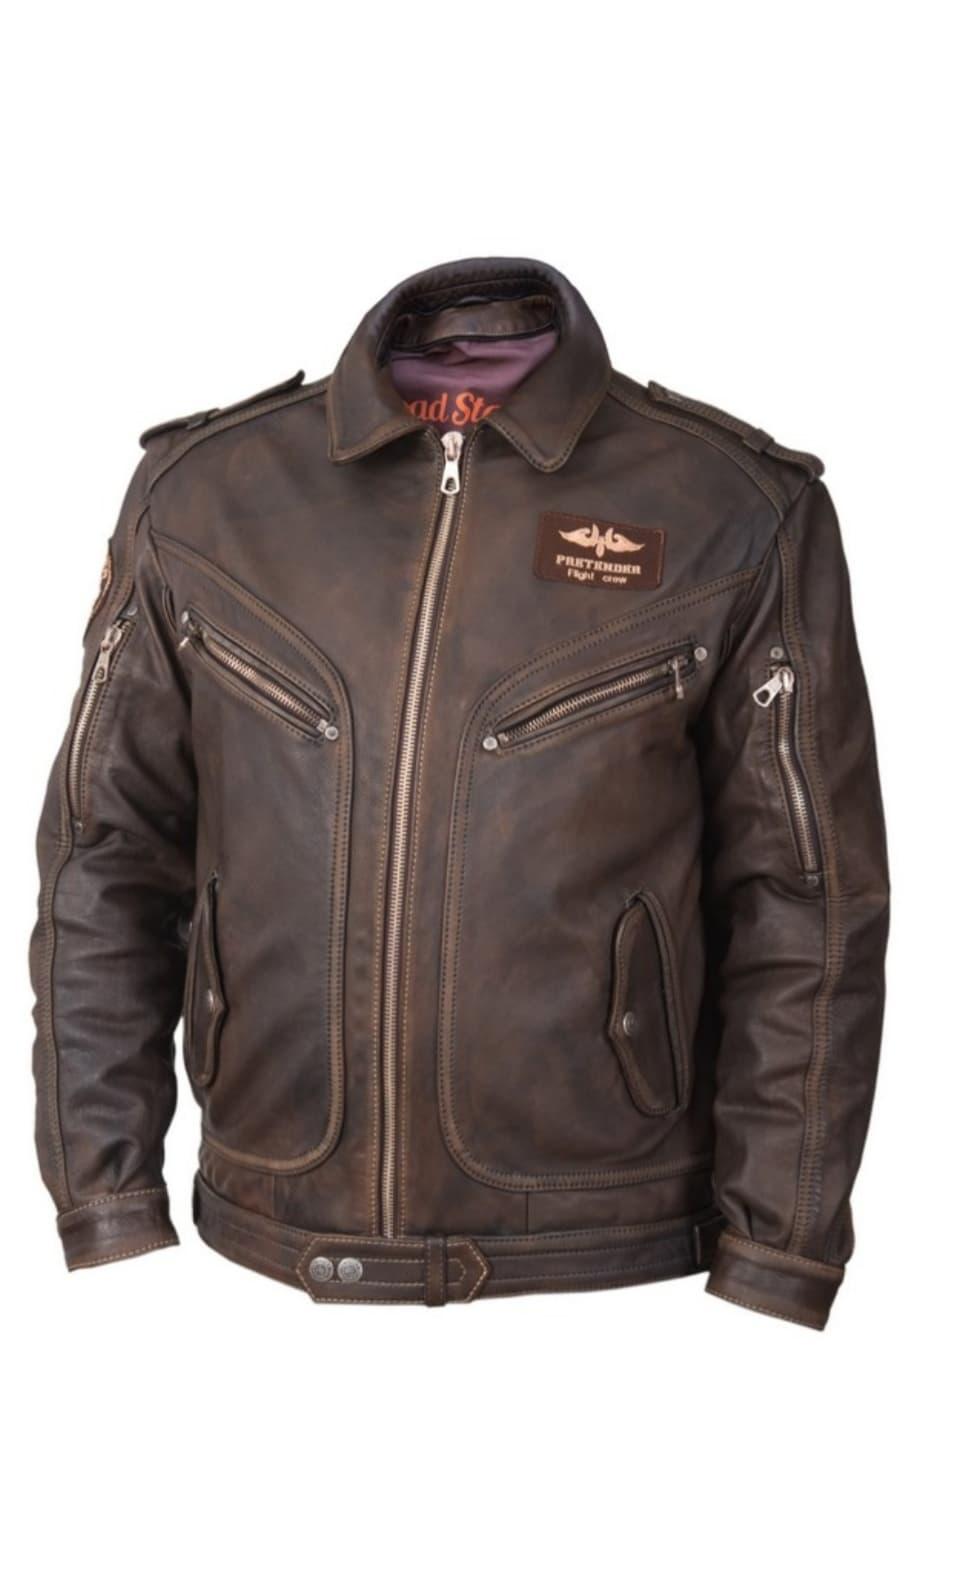 9f379c20d4f Кожаные куртки мужские из кожи буйвола – купить в Москве